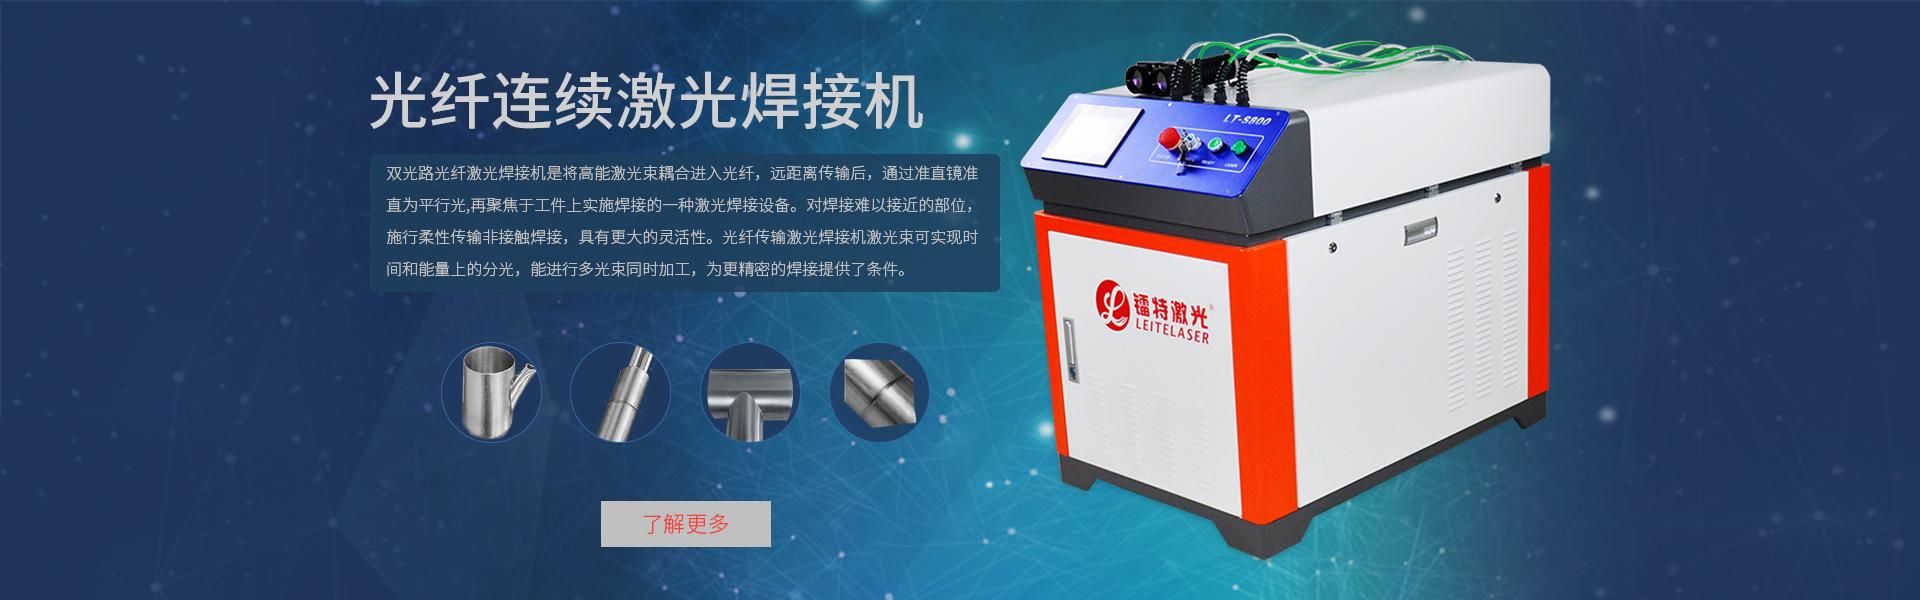 高效精细的加工流程, 均达到国际标准生产工艺要求。